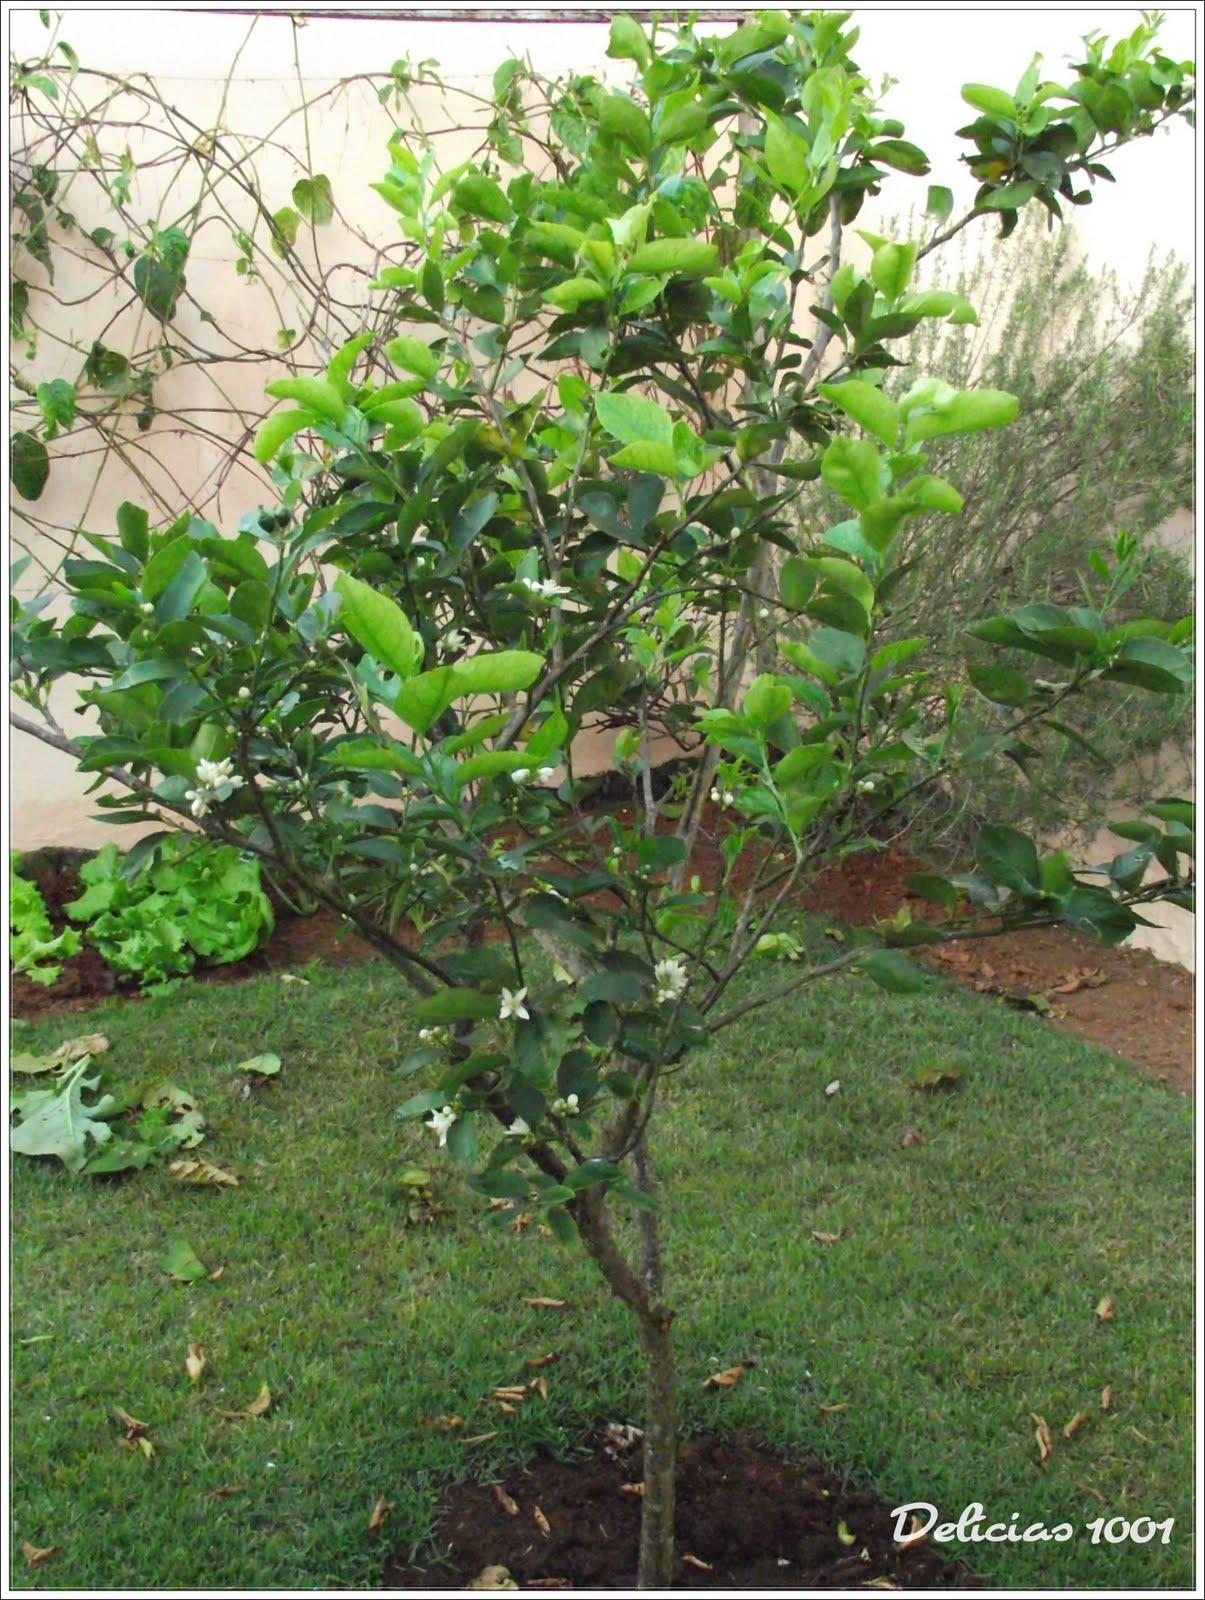 imagens de jardim horta e pomar:Meu pomar/horta/jardim: LIMOEIRO – Delícias 1001Delícias 1001